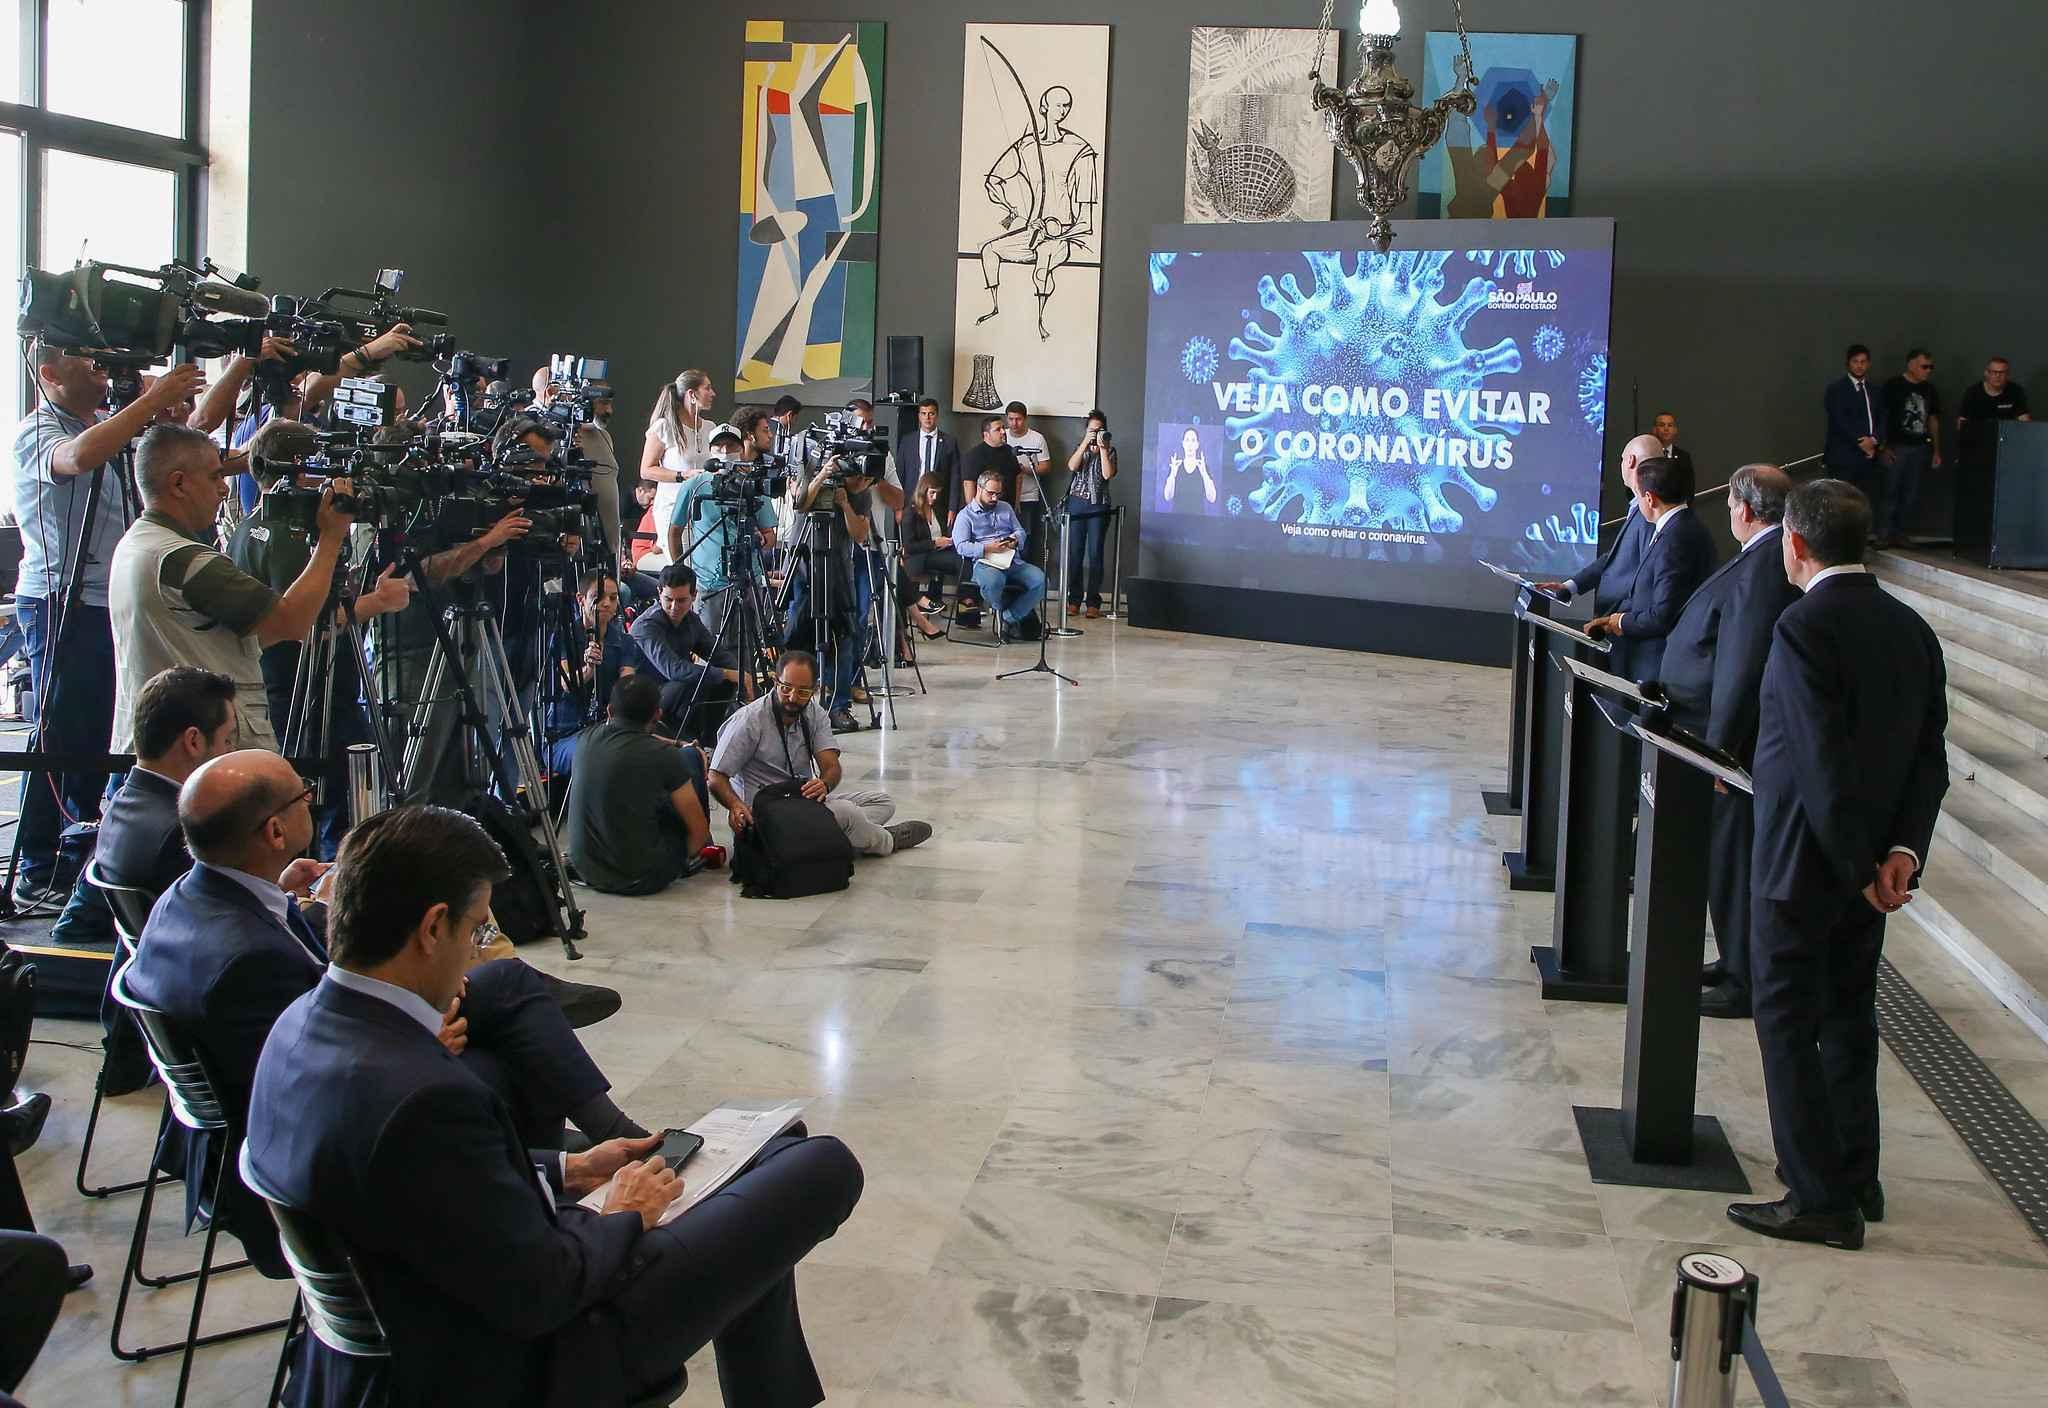 Em São Paulo, jornalistas acompanham entrevista coletiva sobre o coronavírus